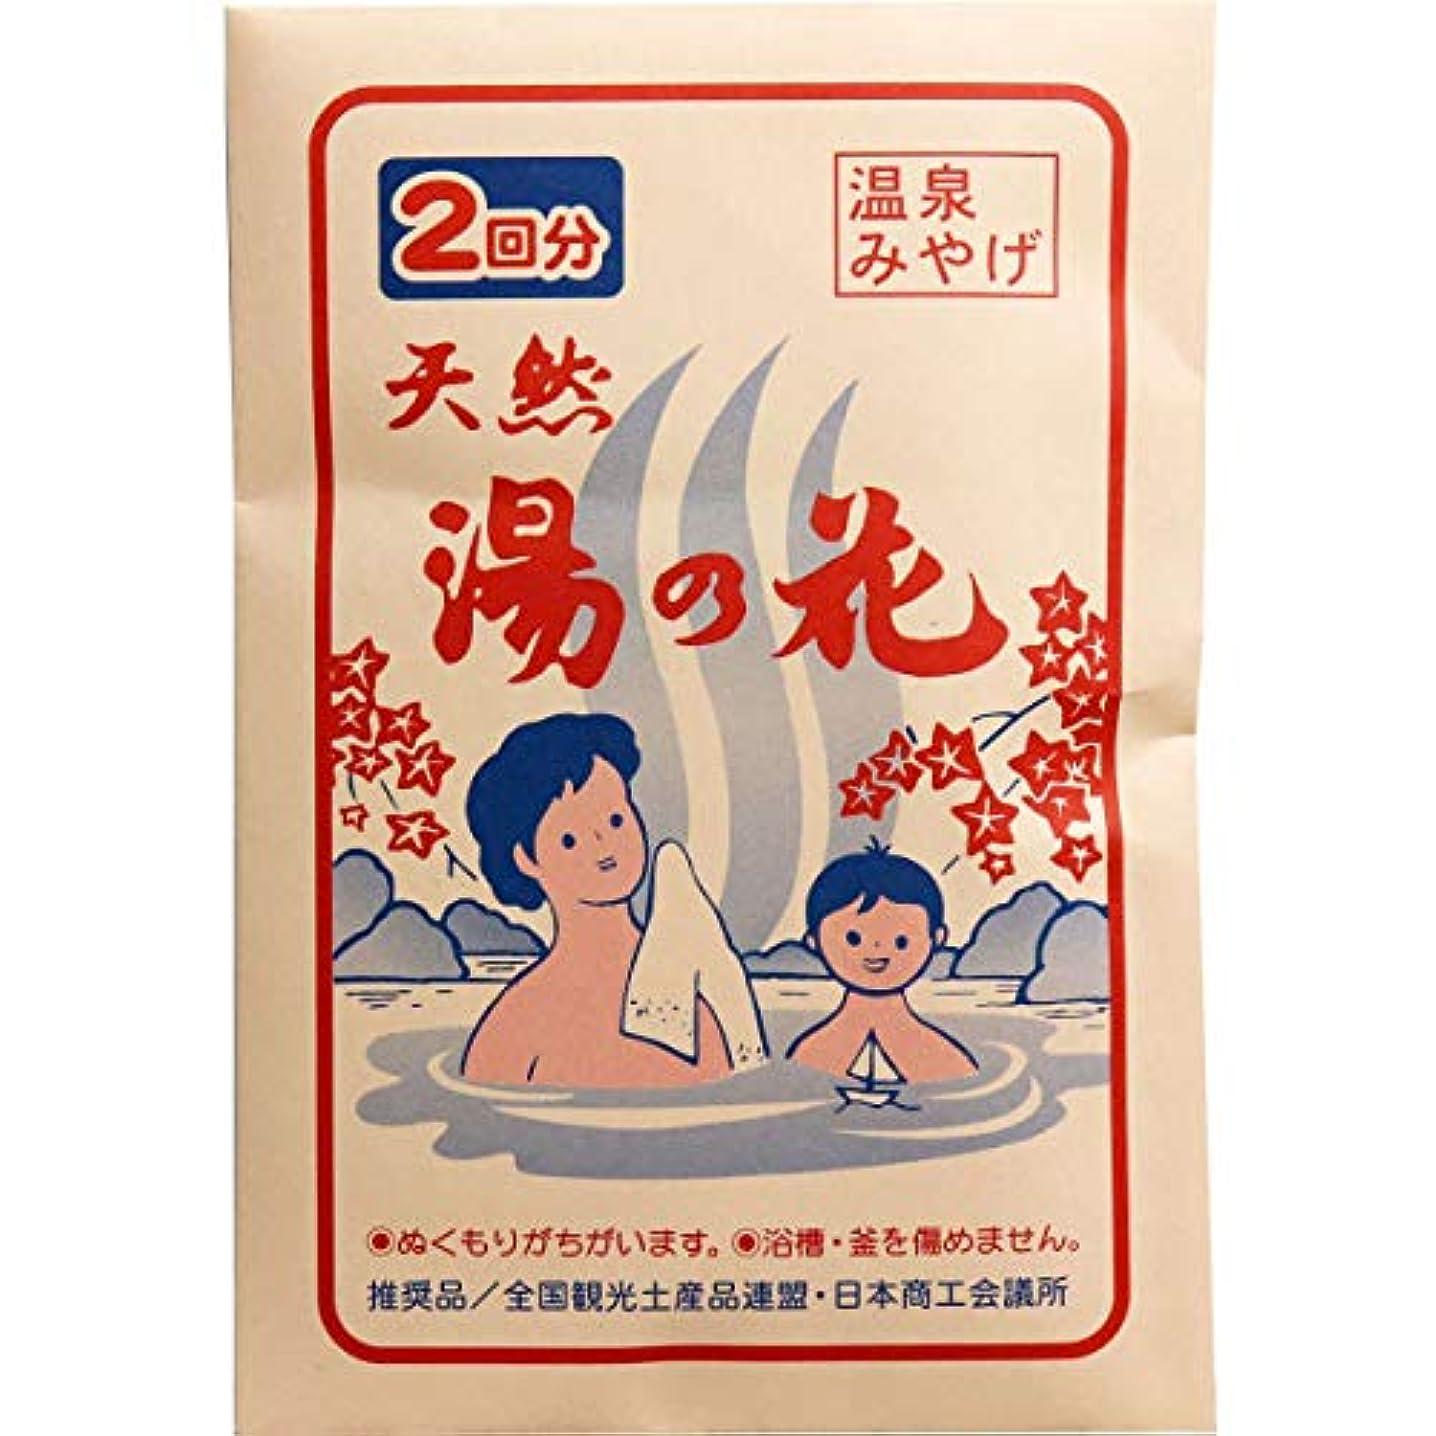 アンタゴニスト些細手段天然湯の花 小袋分包2回分 KA-2 15g×2包入